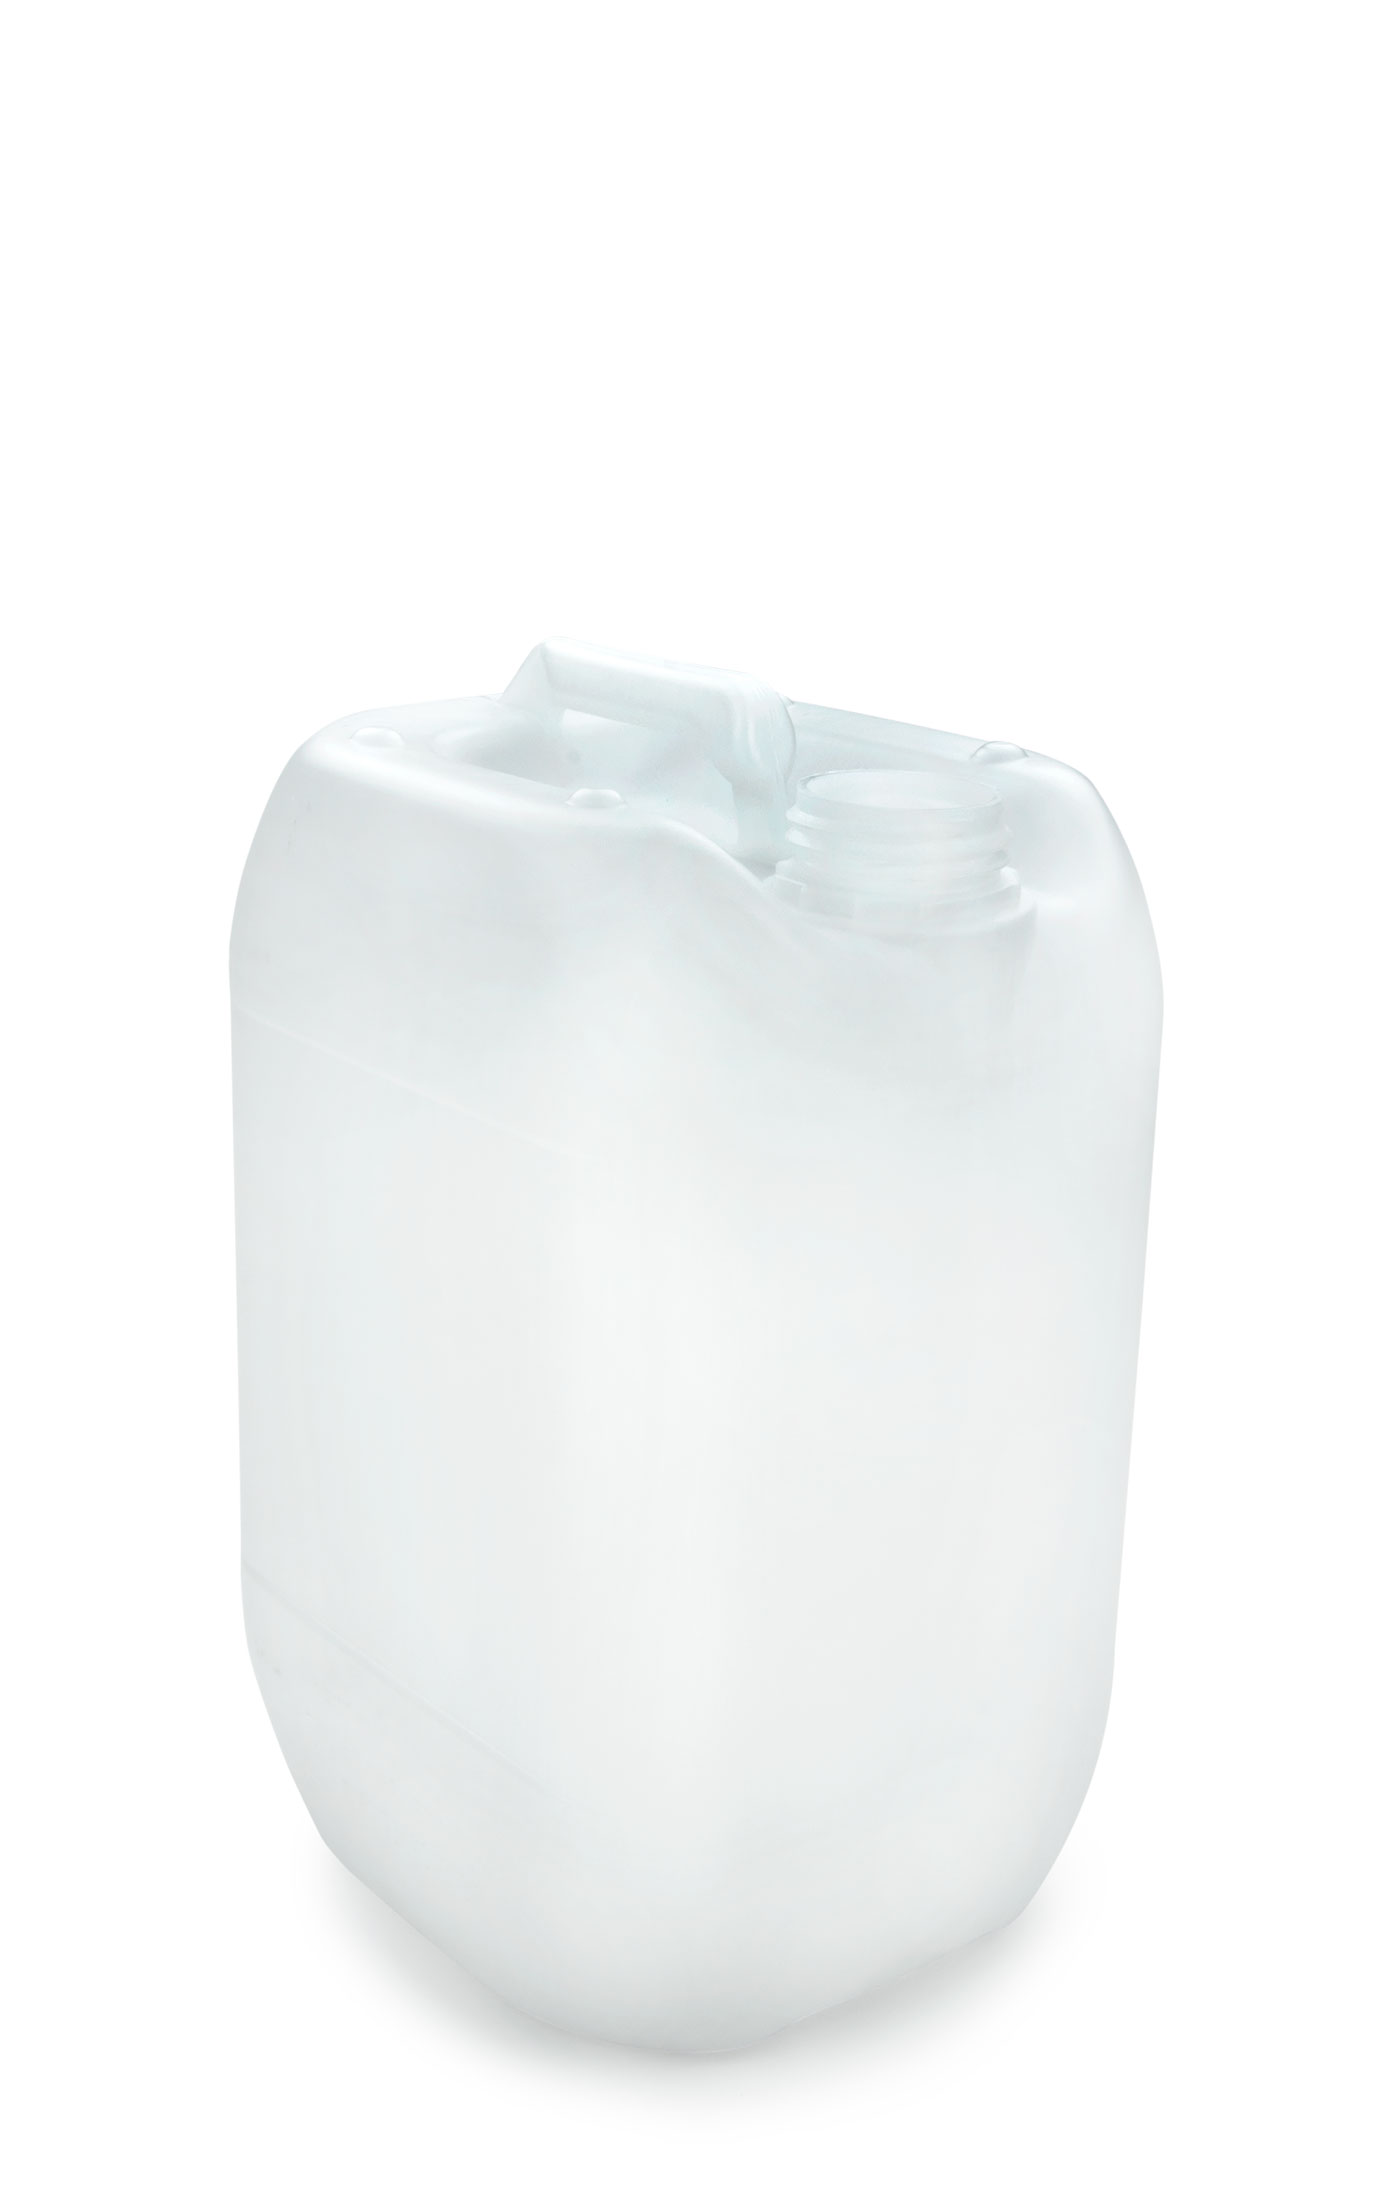 kunststoff kanister natur 10 liter un stapelbar ohne. Black Bedroom Furniture Sets. Home Design Ideas